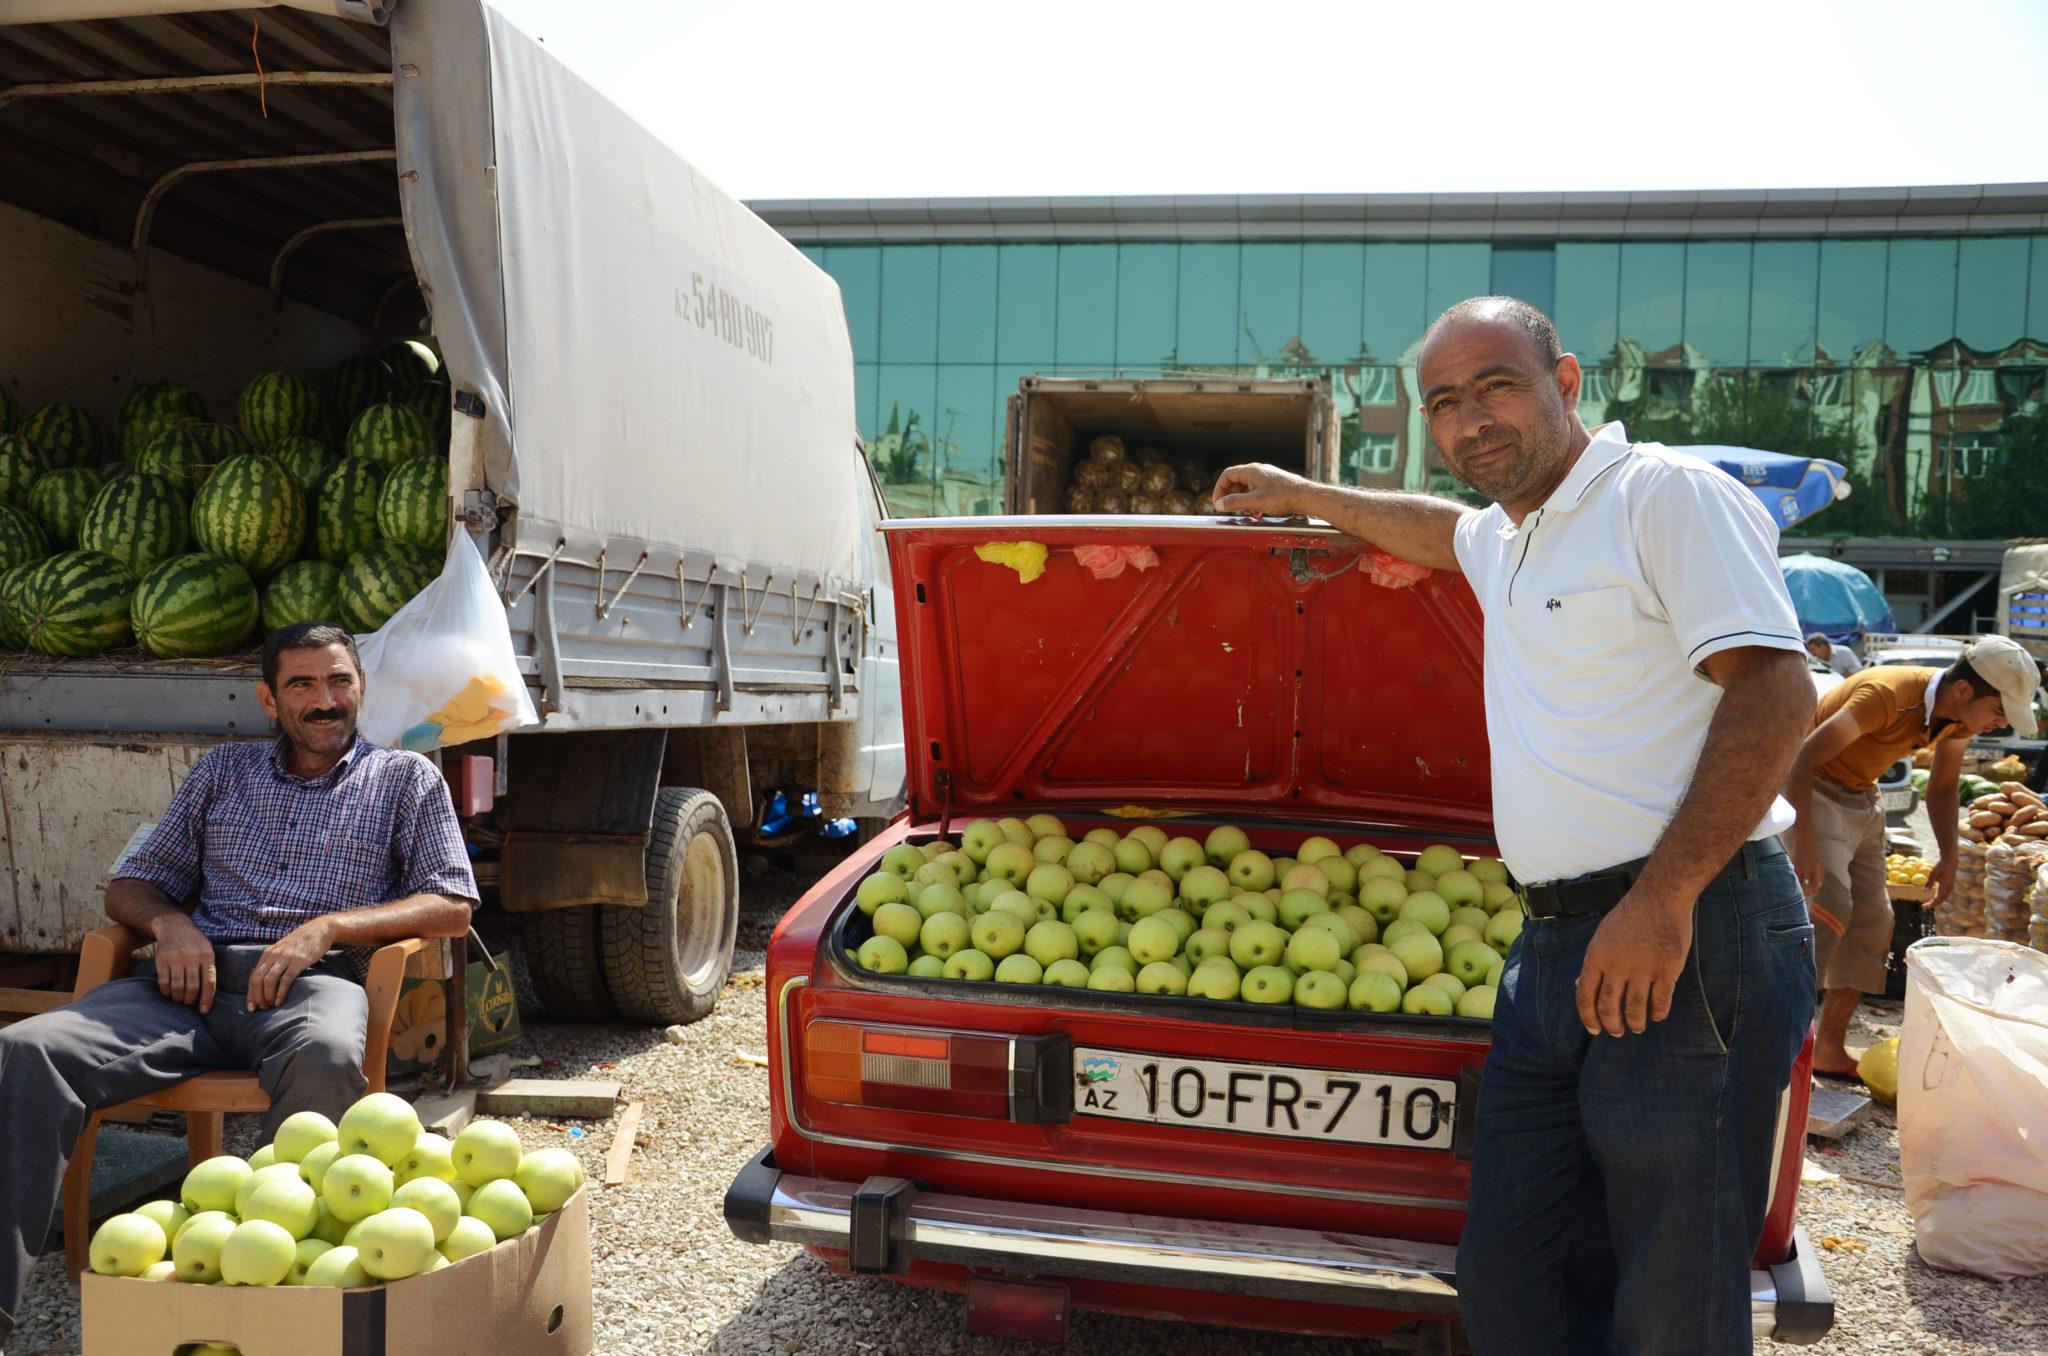 Mit dem Auto auf dem Markt in Baku